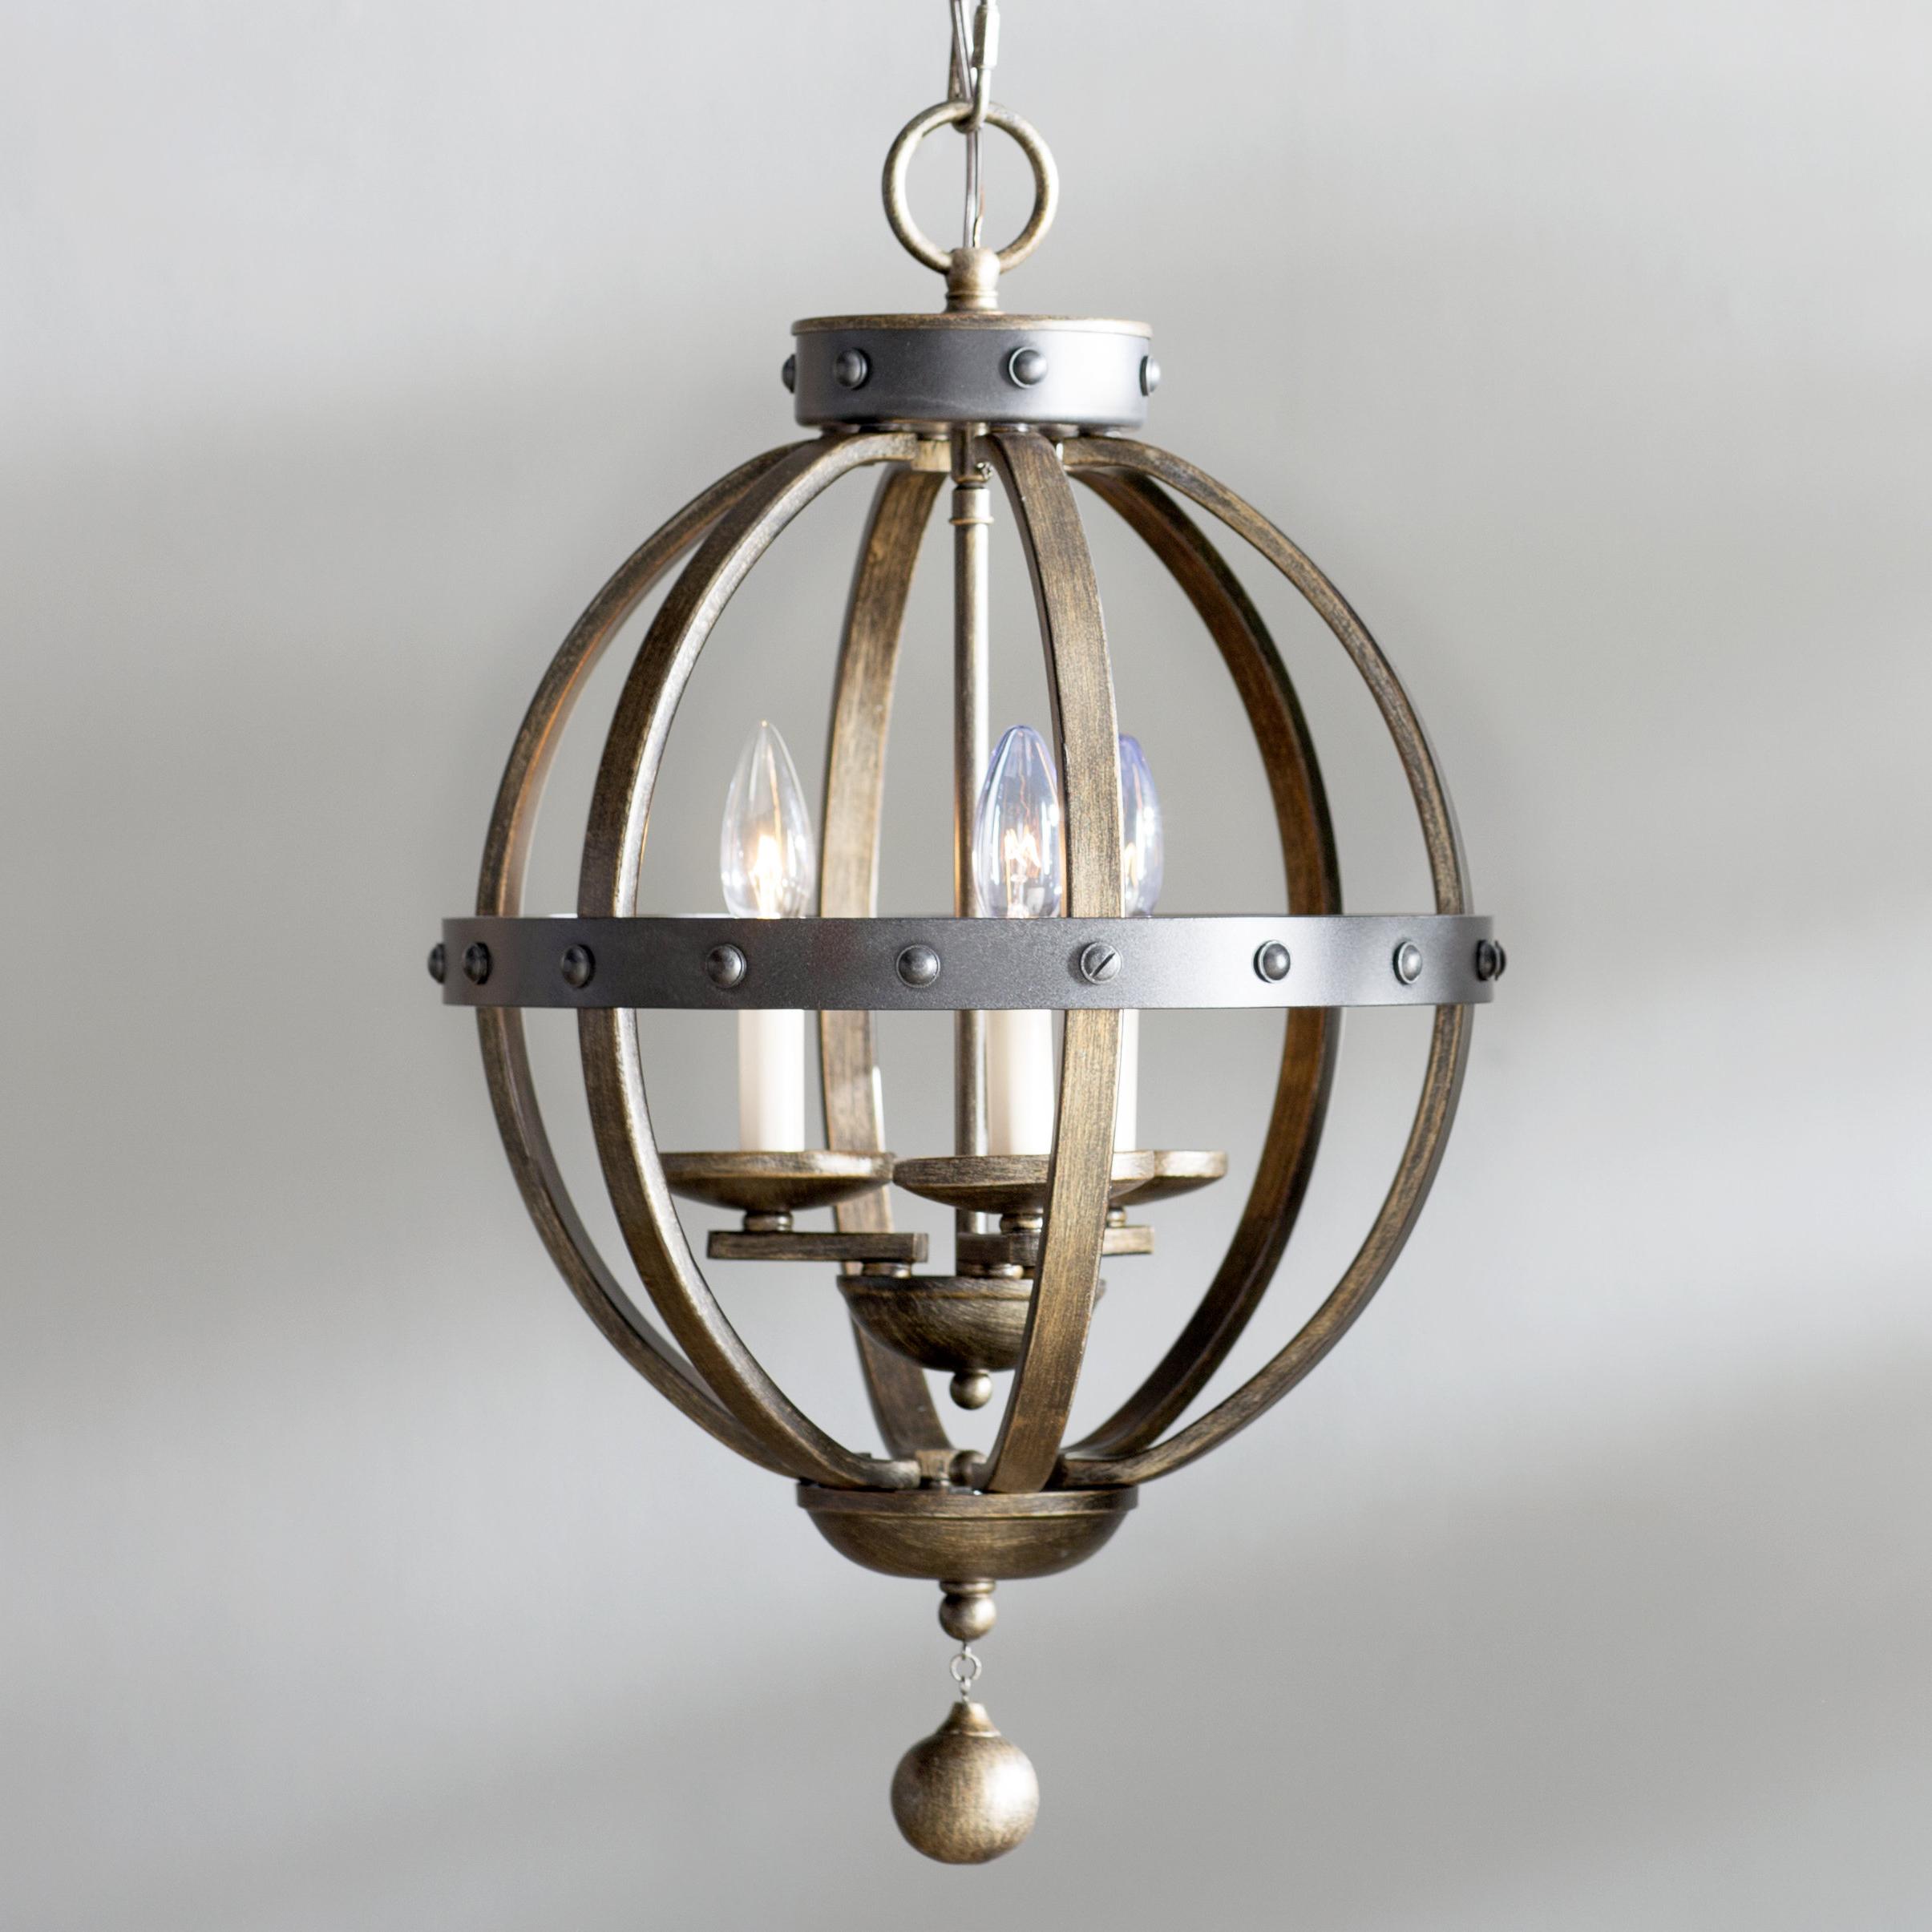 Wilburton 3 Light Globe Chandelier With Regard To Current La Sarre 3 Light Globe Chandeliers (View 7 of 25)